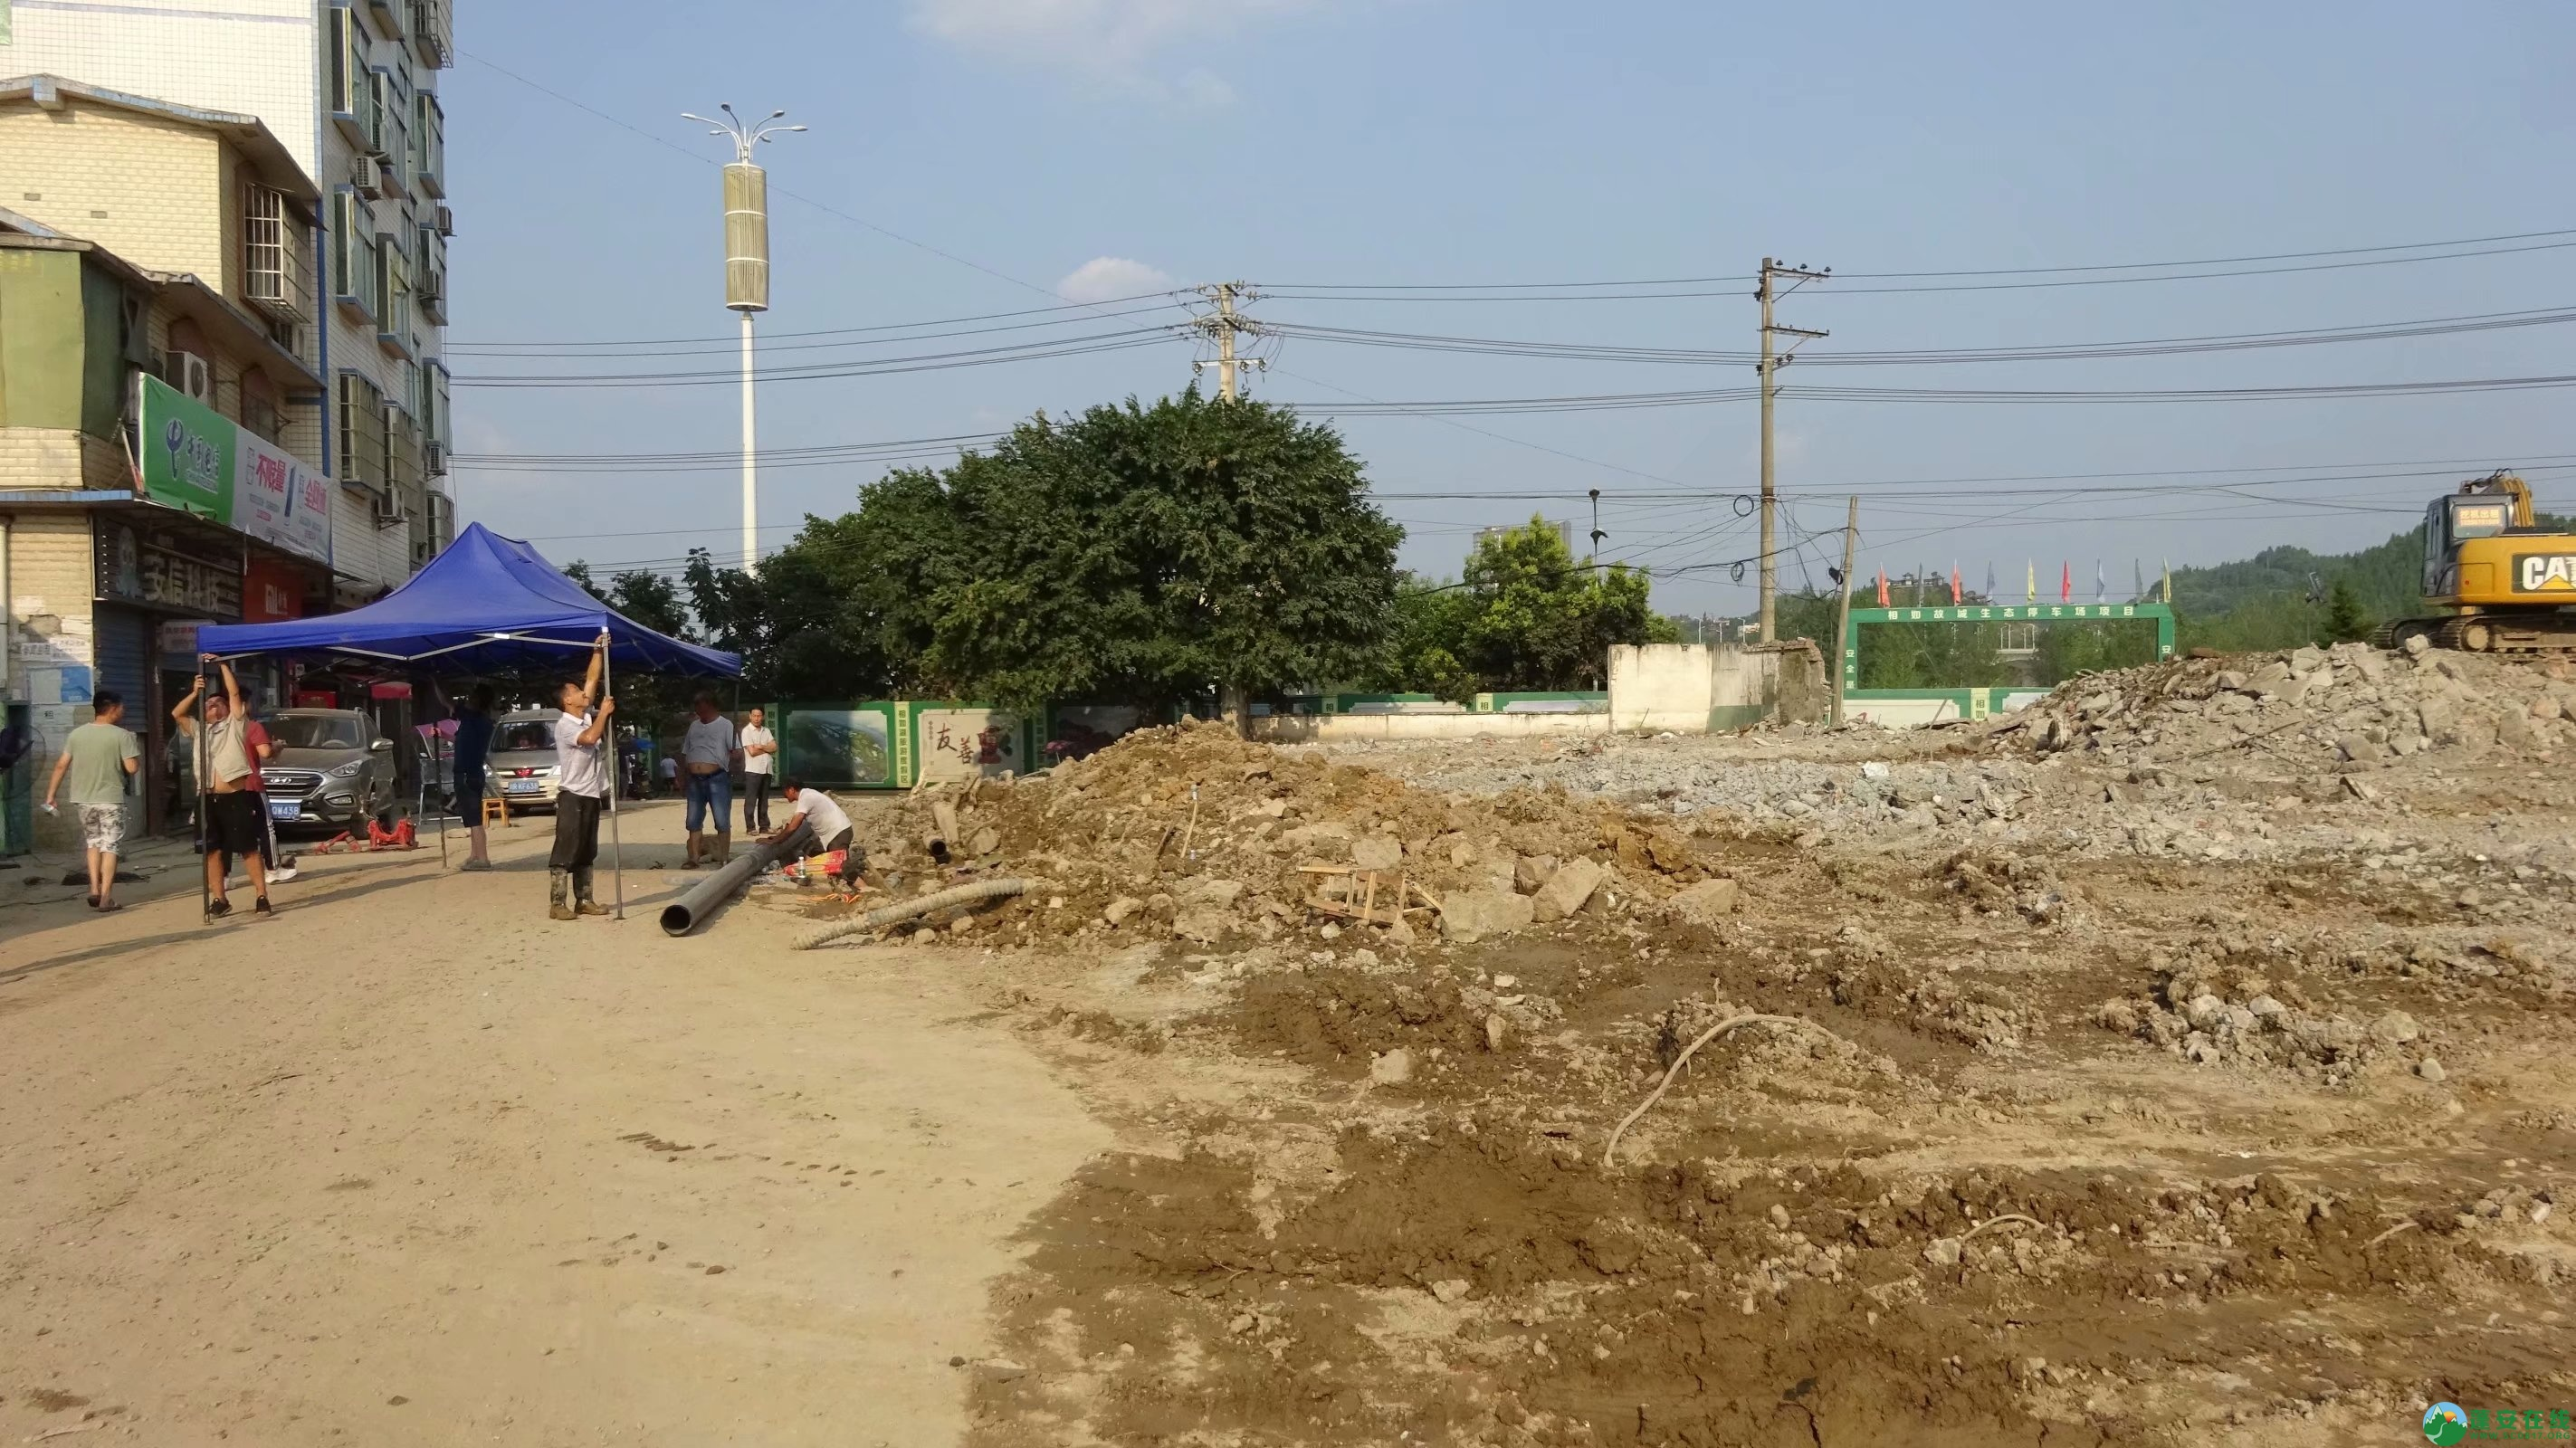 蓬安锦屏相如故城建设迅猛 - 第2张  | 蓬安在线